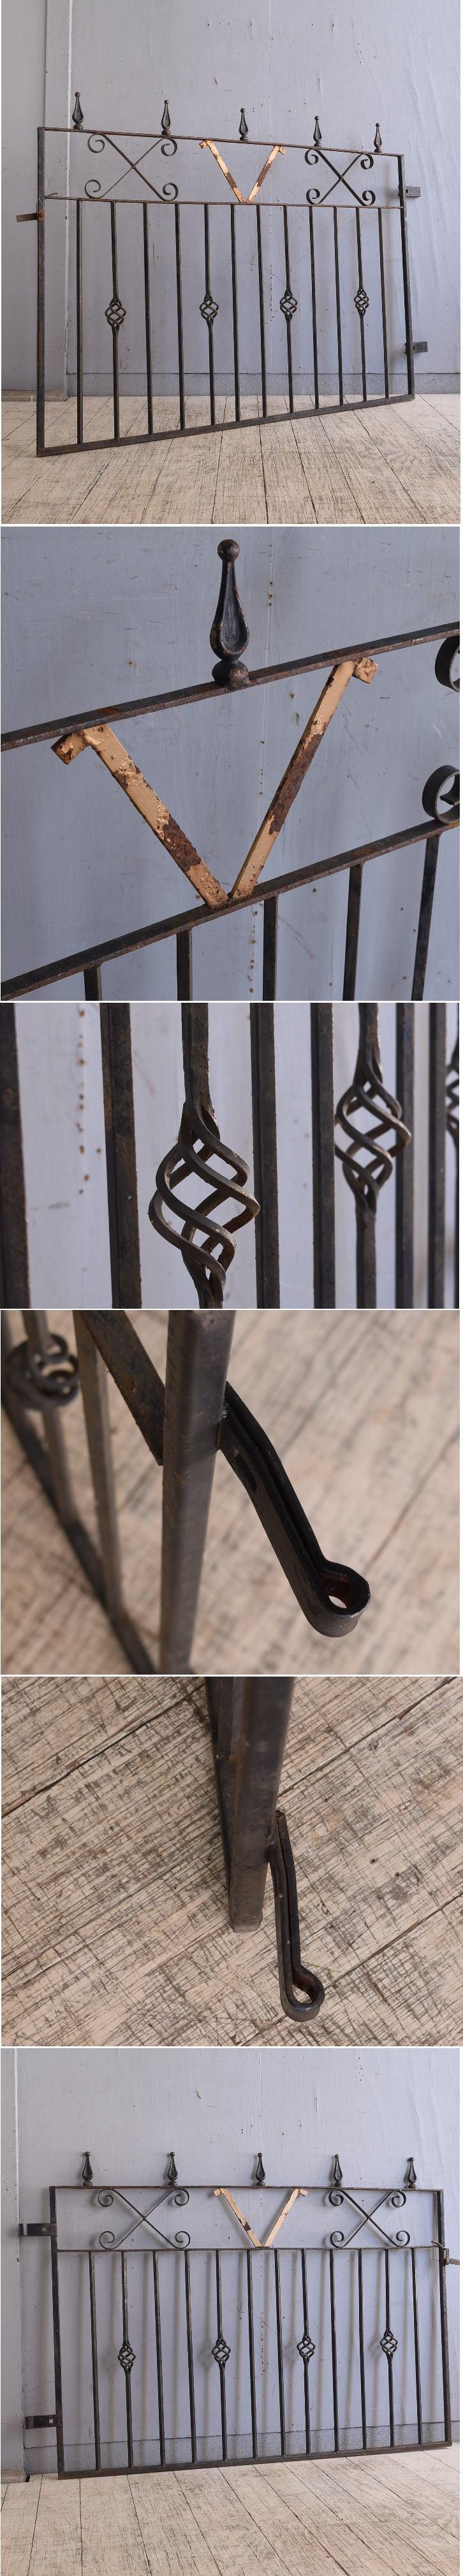 イギリス アンティーク アイアンフェンス ゲート柵 ガーデニング 9702